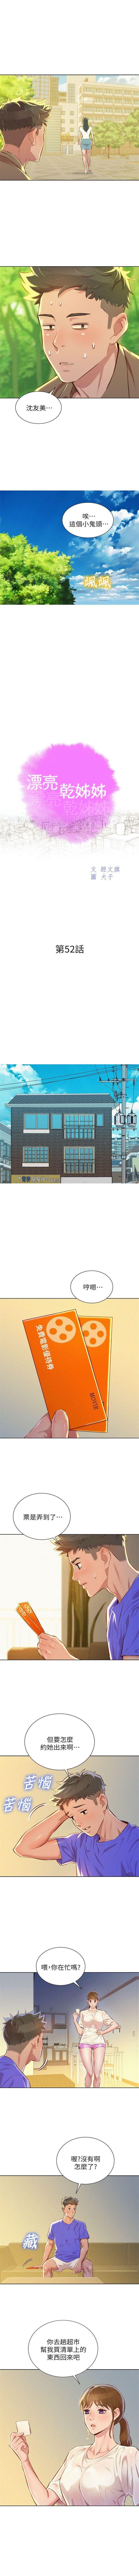 (周7)漂亮干姐姐  1-81 中文翻译 (更新中) 271